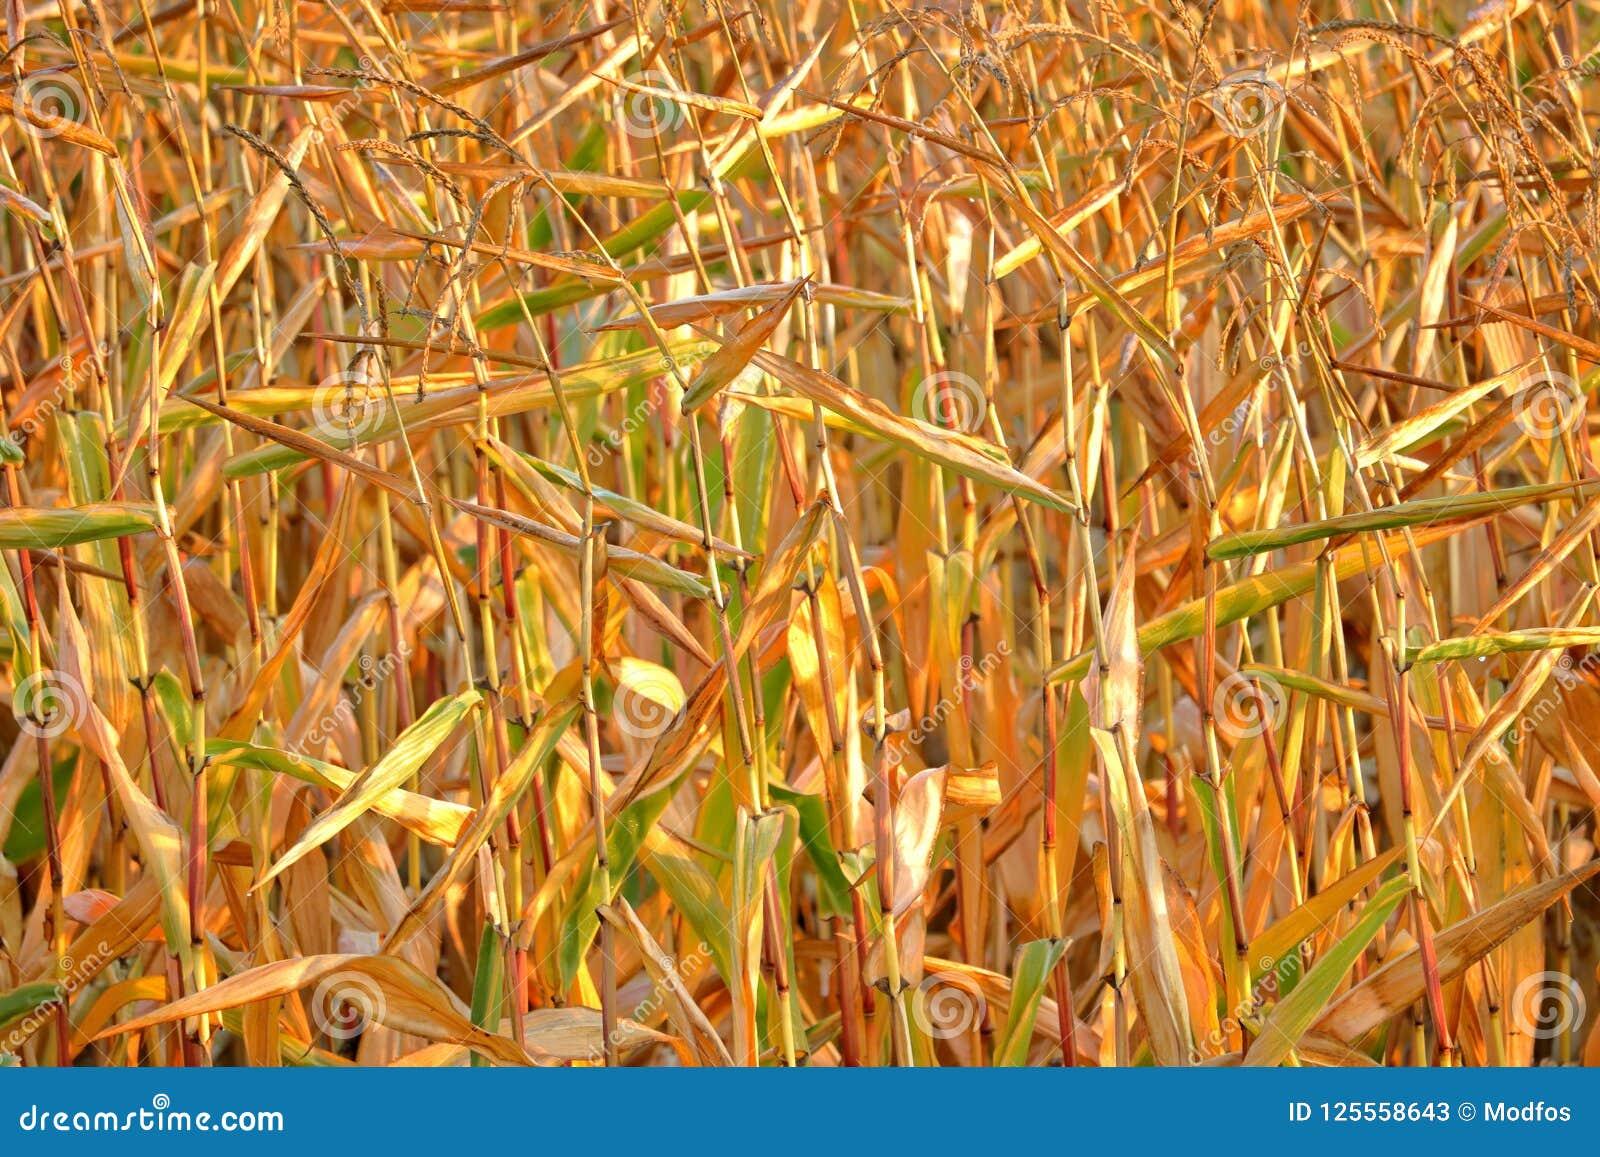 Συγκομιδή καλαμποκιού και αυστηρή ξηρασία